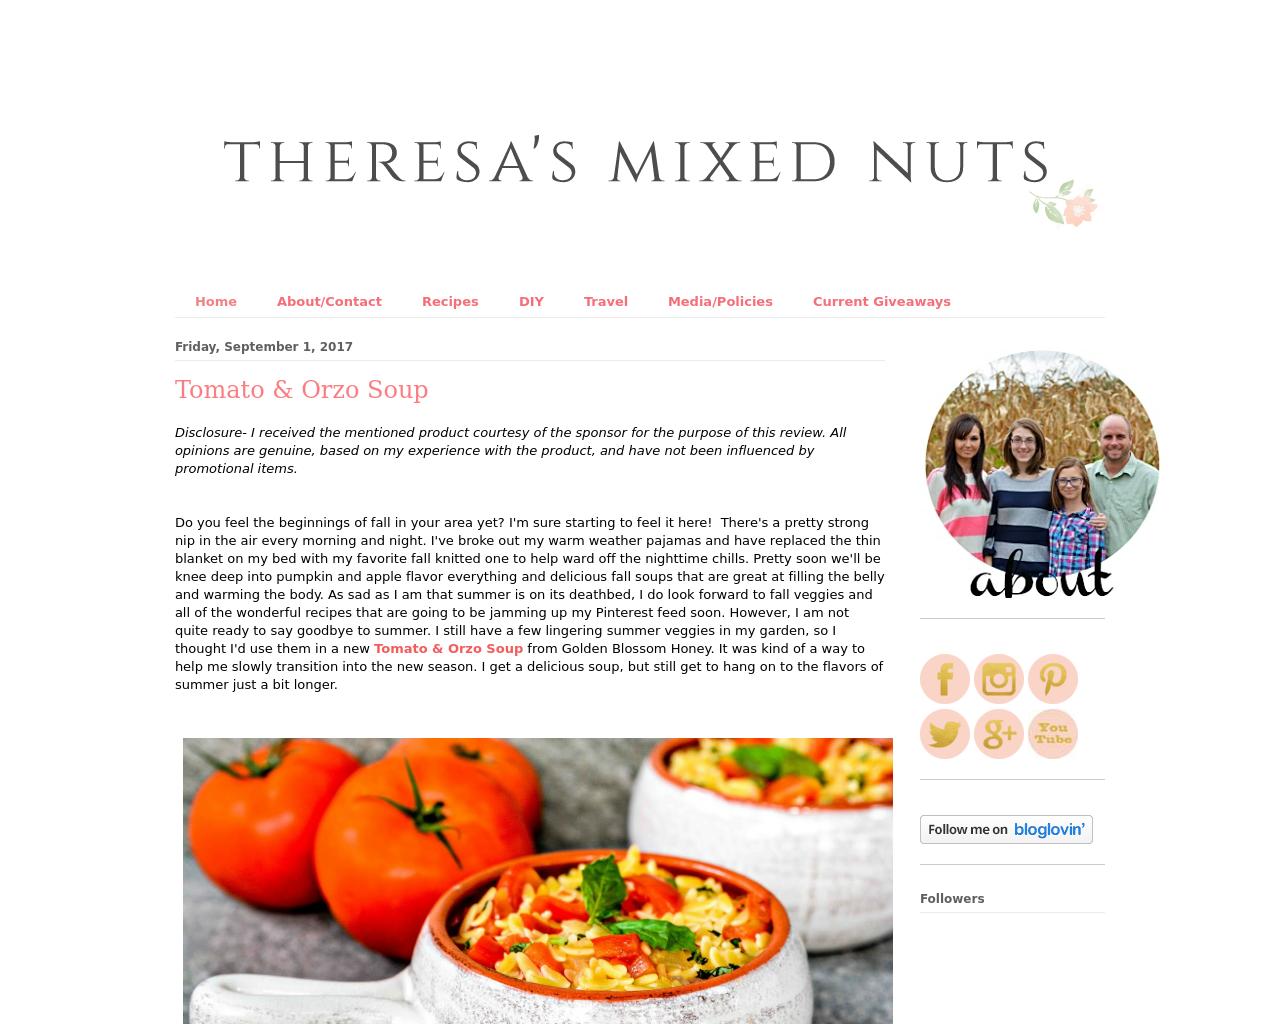 Theresas-Mixed-Nuts-Advertising-Reviews-Pricing